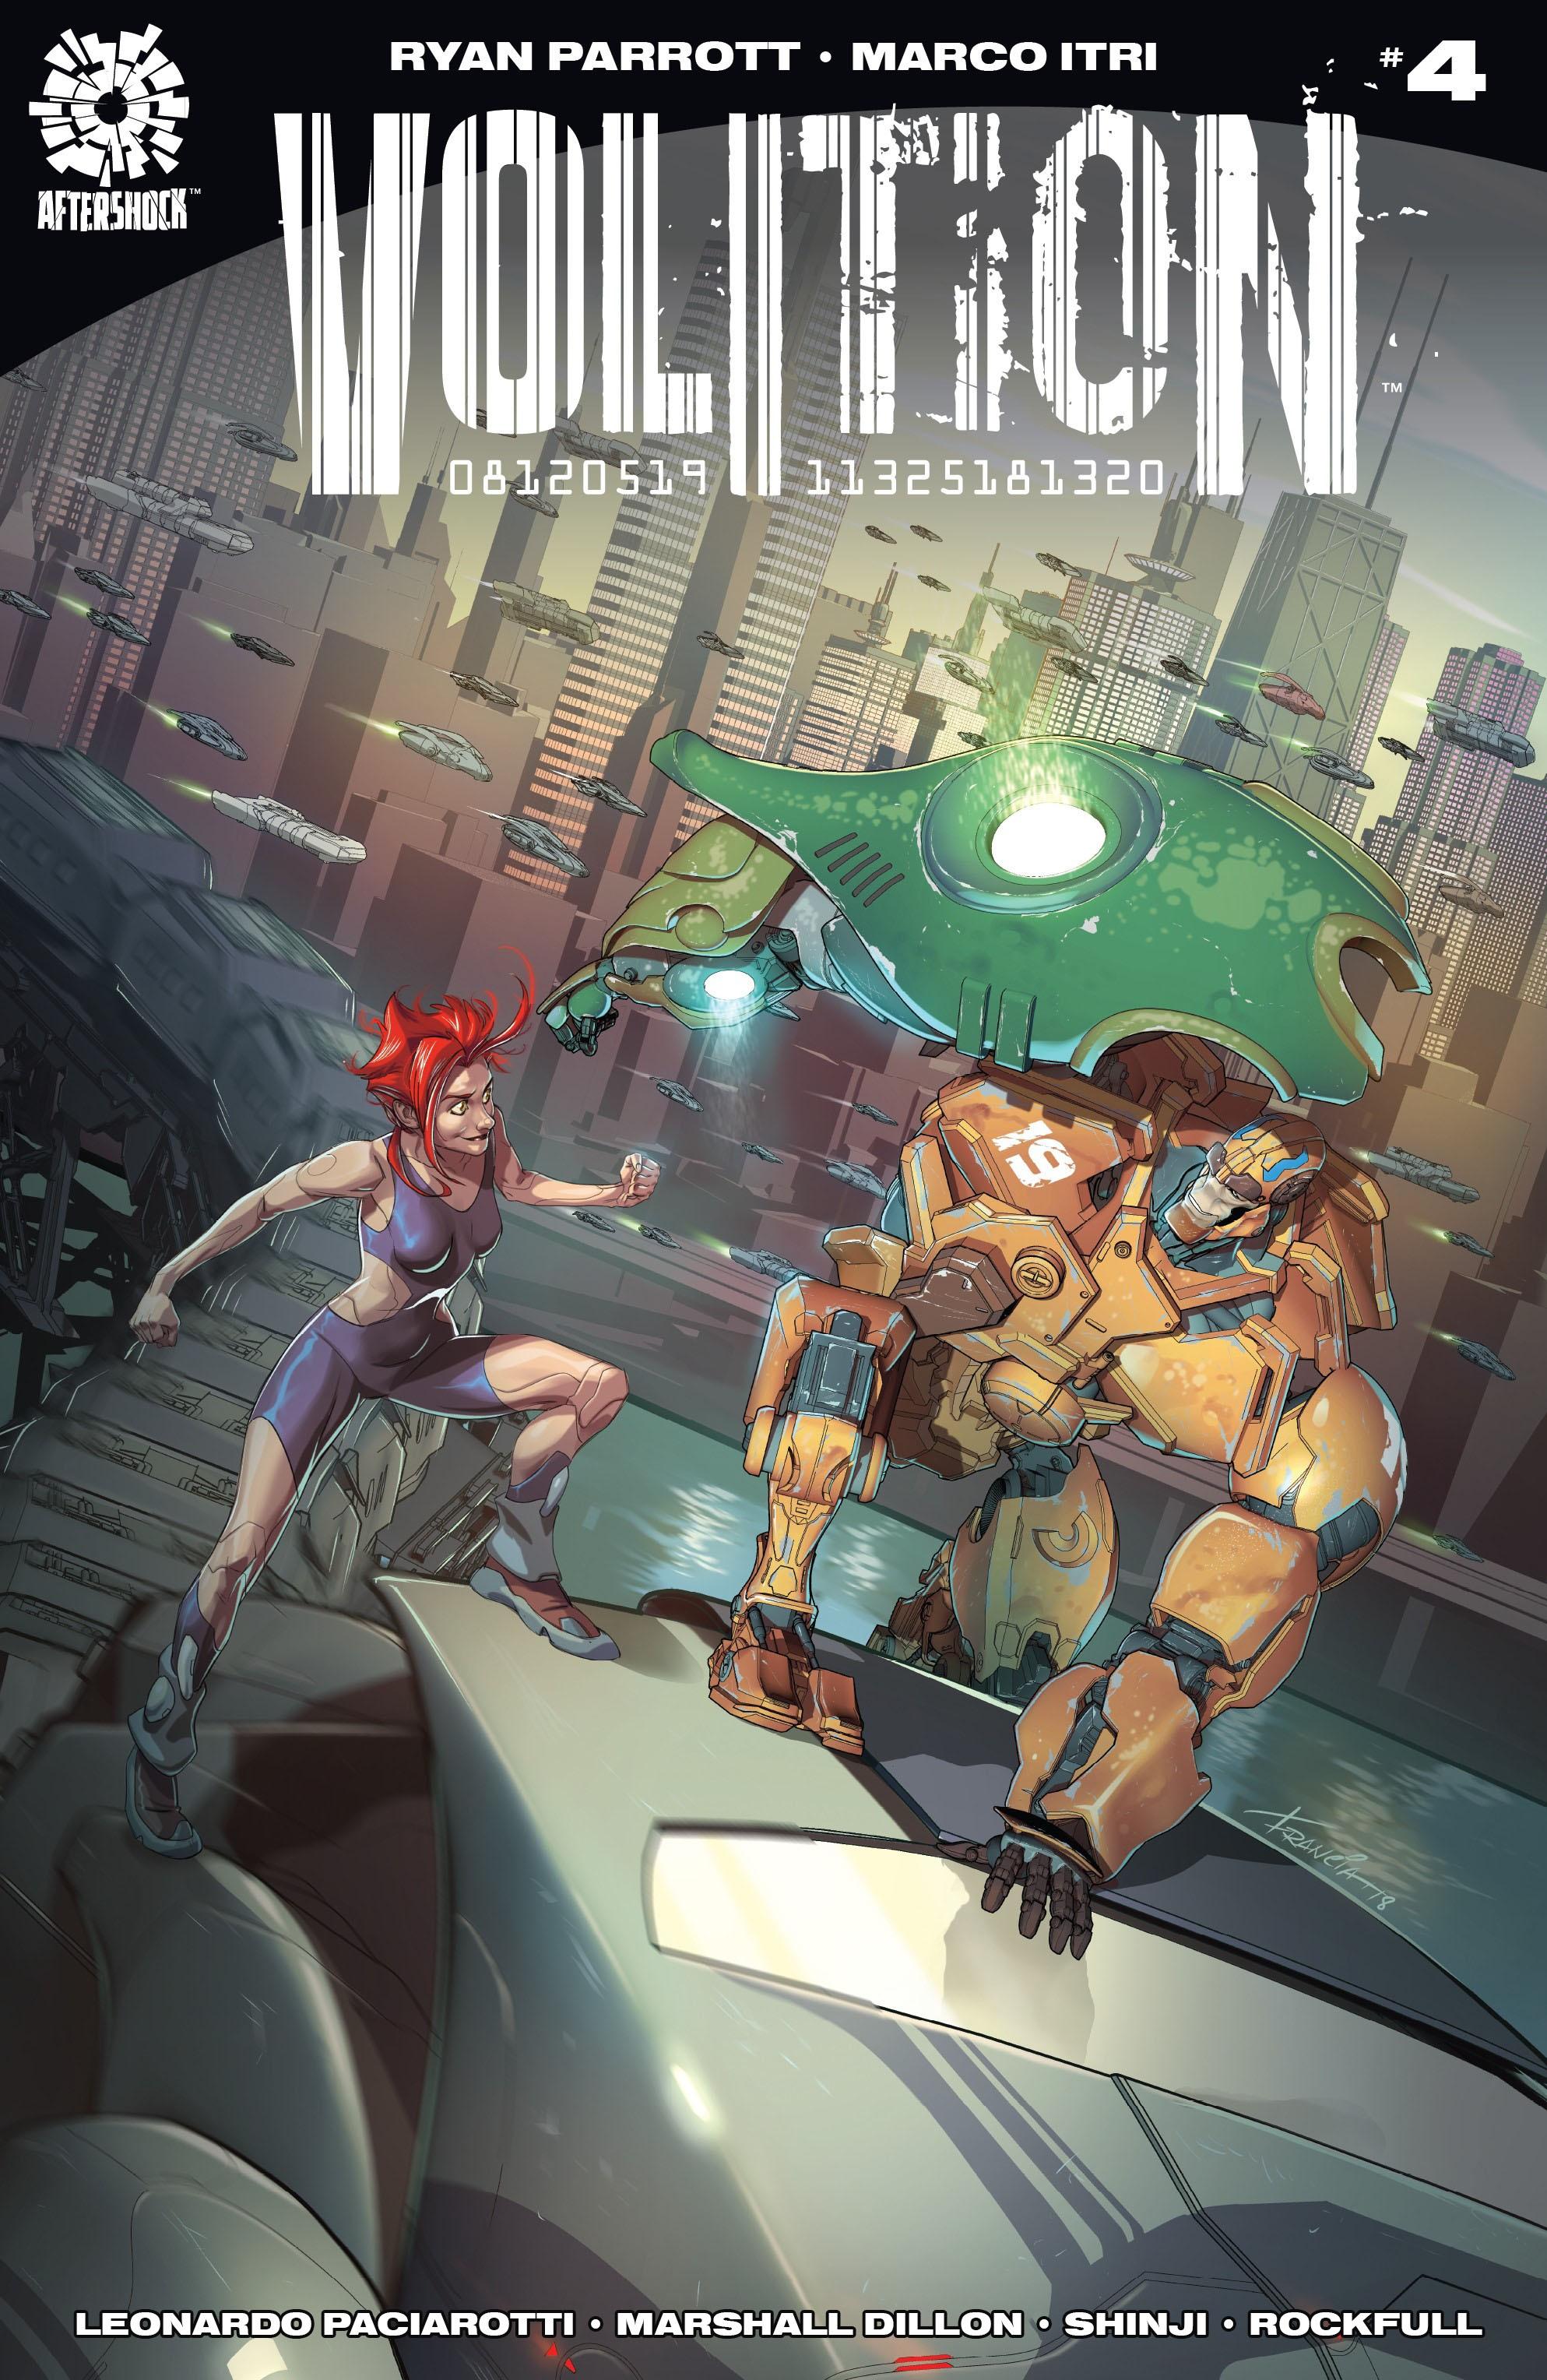 Actualización 24/03/2019: Shinji y Rockfull nos traen el numero 4 de Volition. A medida que se revela la desesperada verdad detrás de su viaje, Hale-19 y Amber-7T se encuentran en el corazón de la religión de los robots al igual que sus errores previos producen consecuencias violentas.